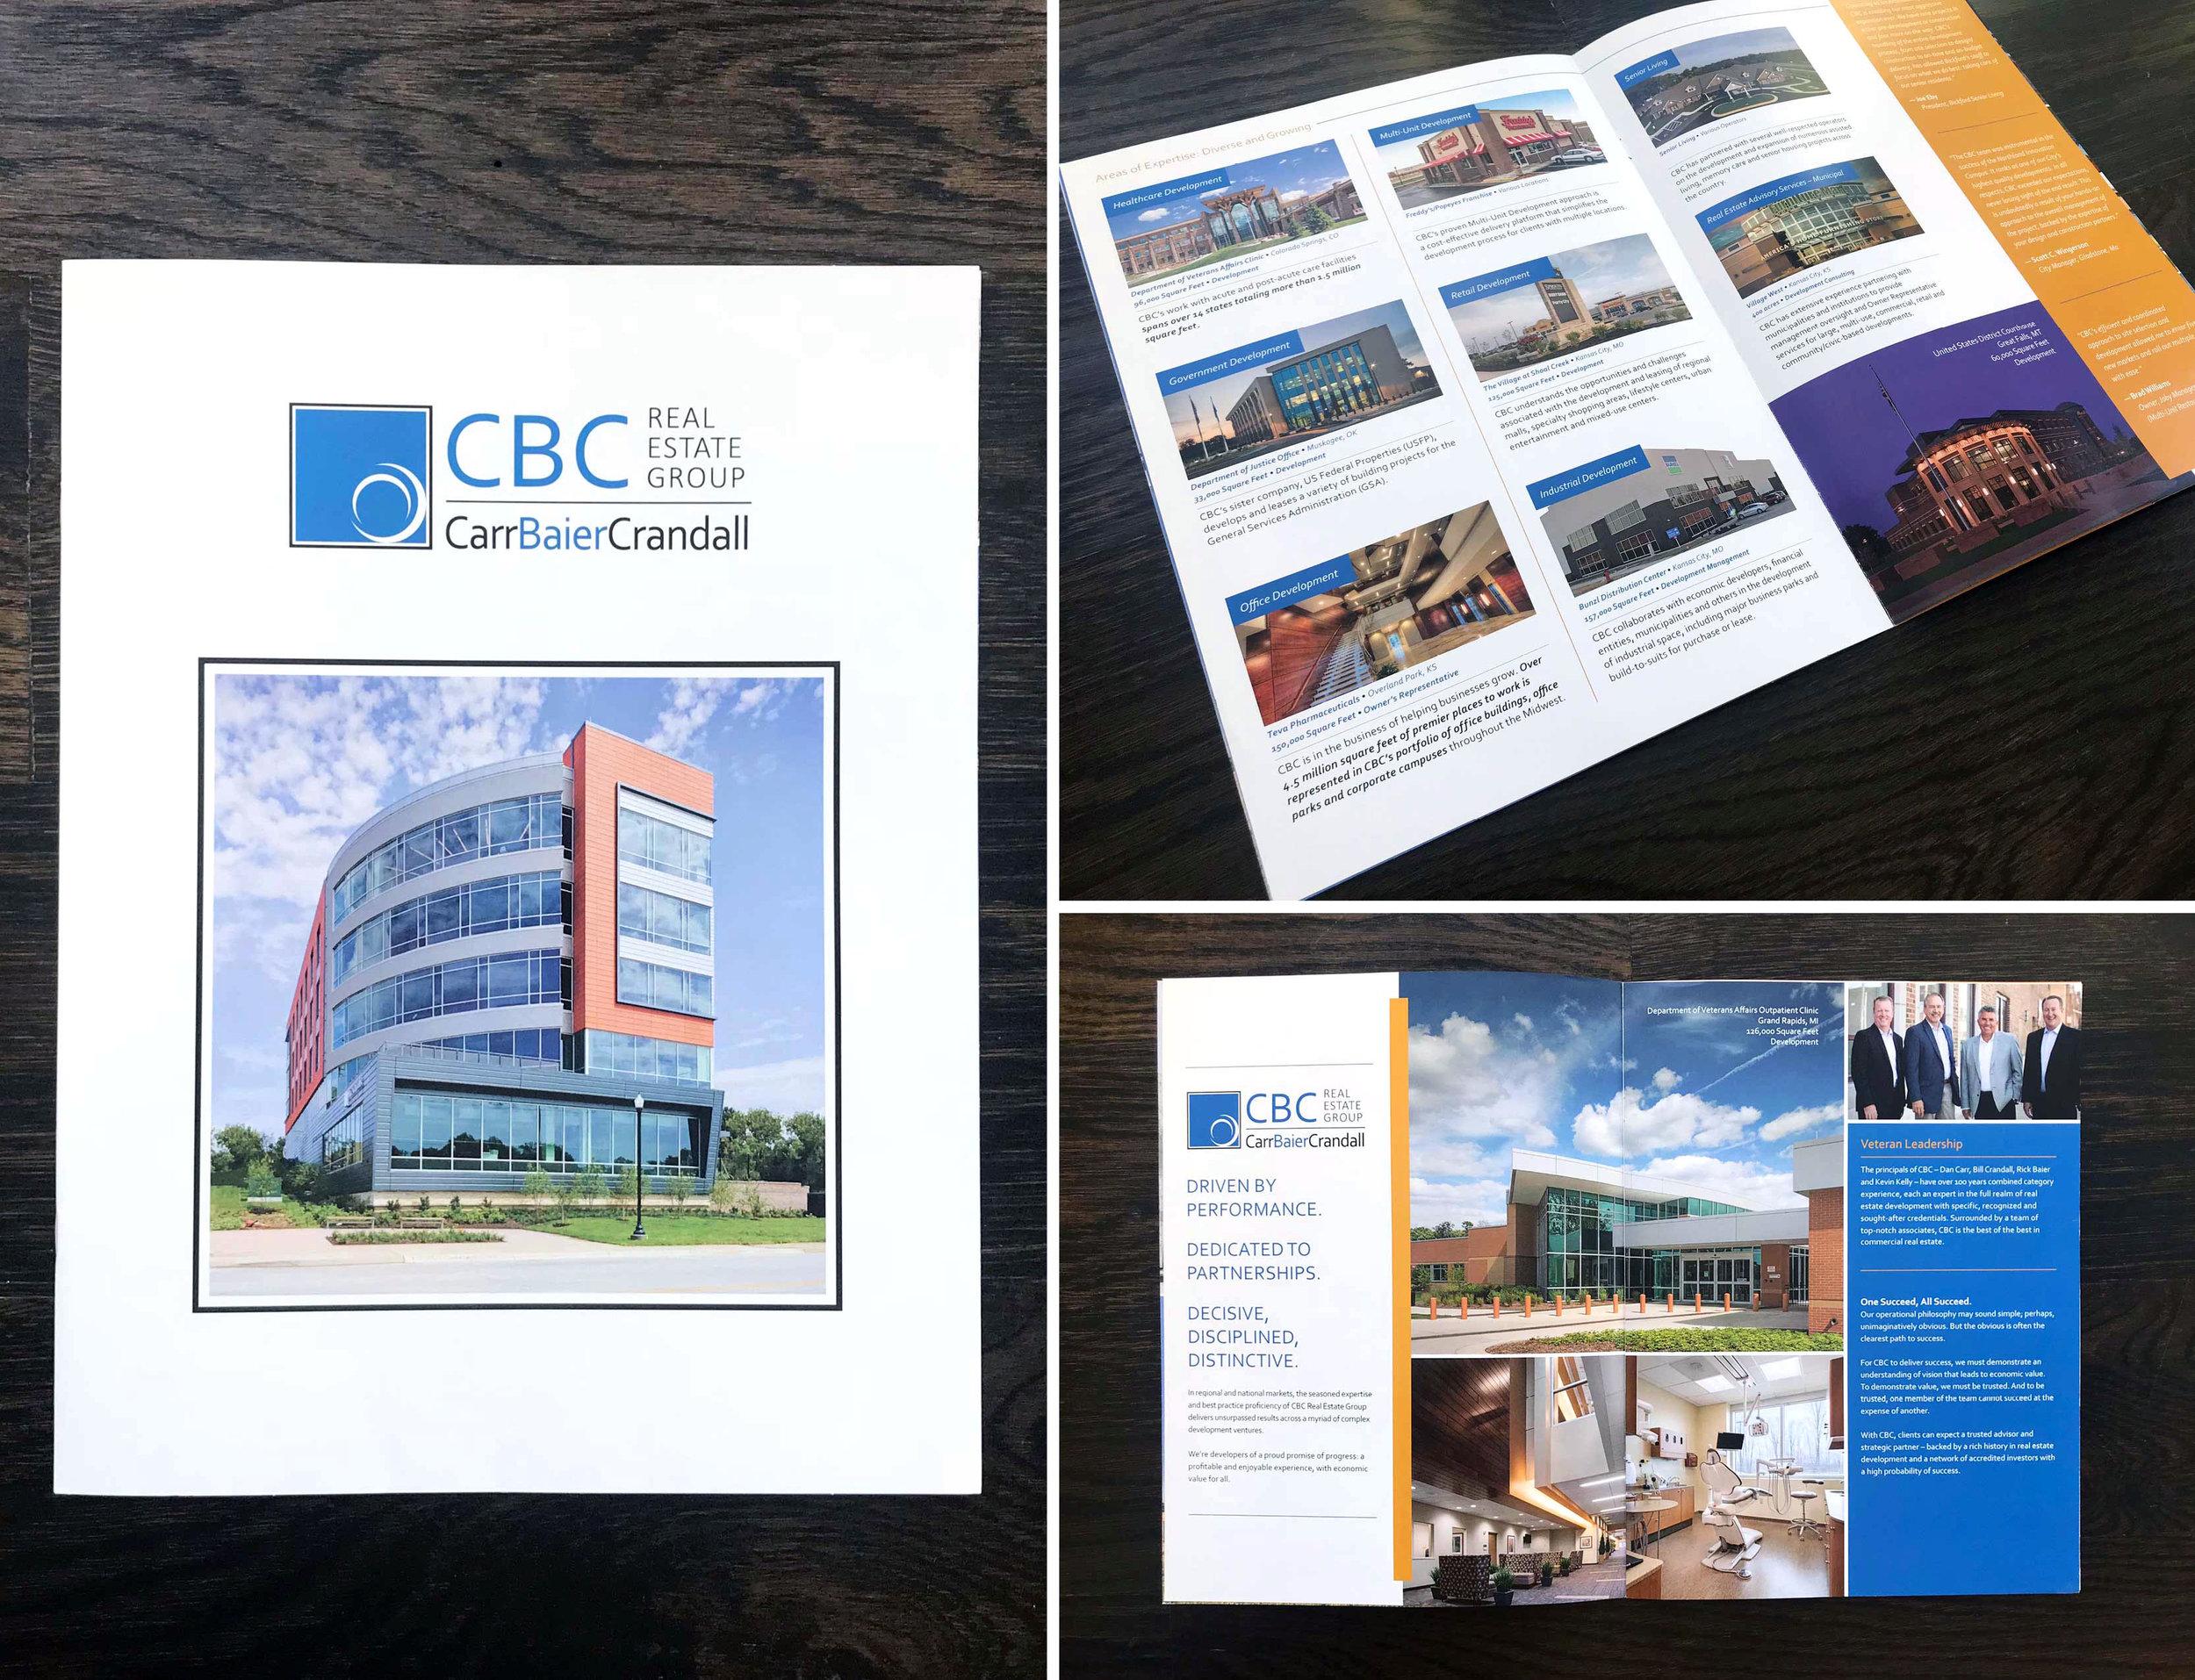 CBC1.jpg